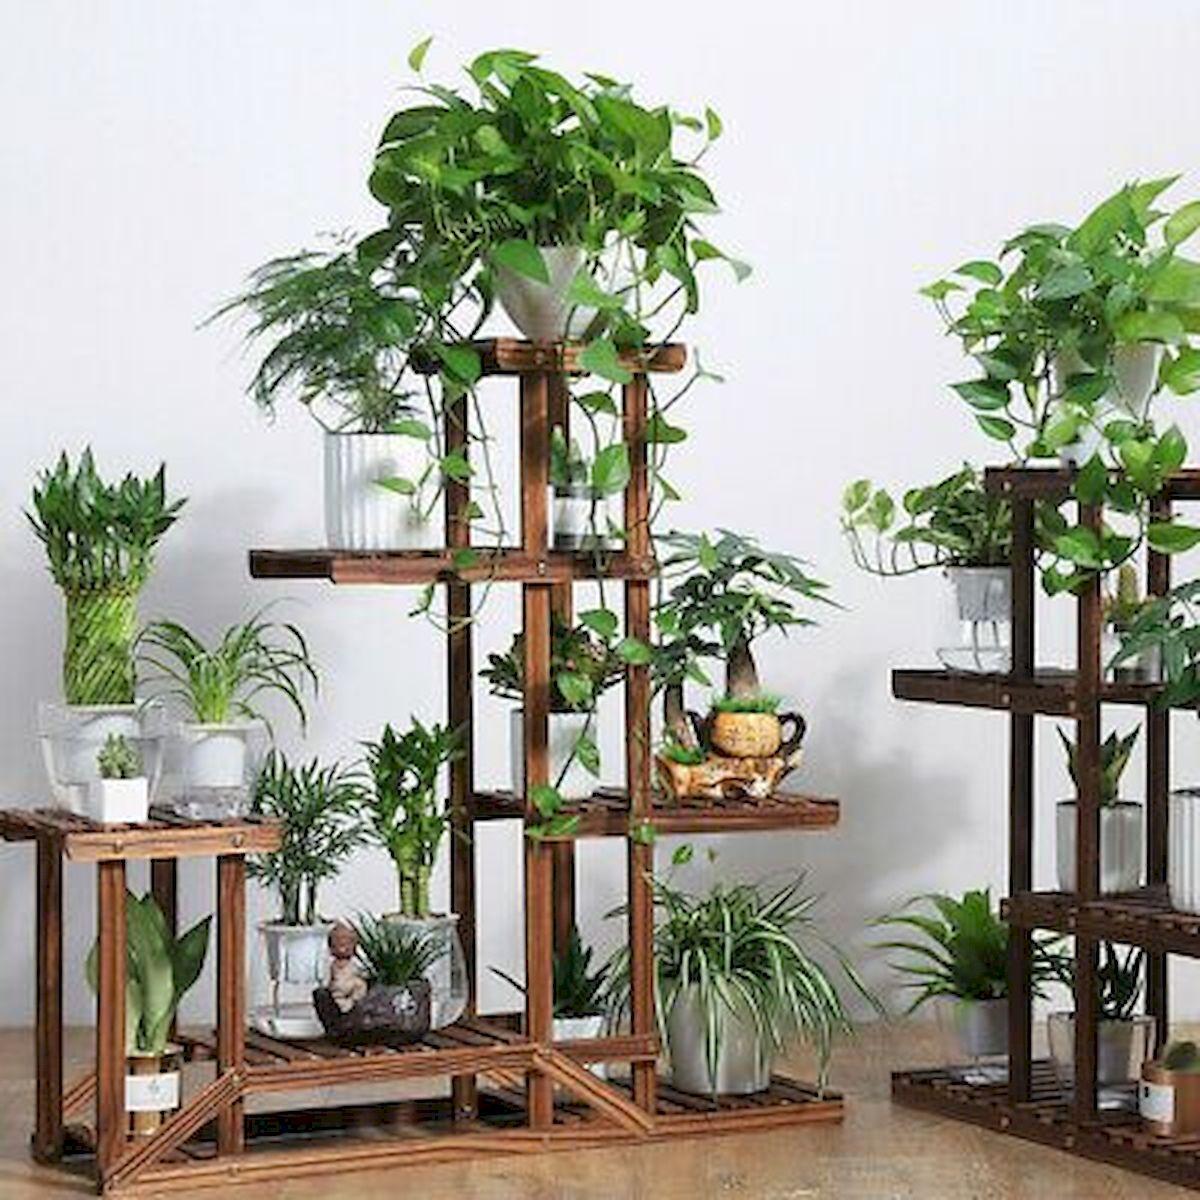 44 Creative DIY Vertical Garden Ideas To Make Your Home Beautiful (17)